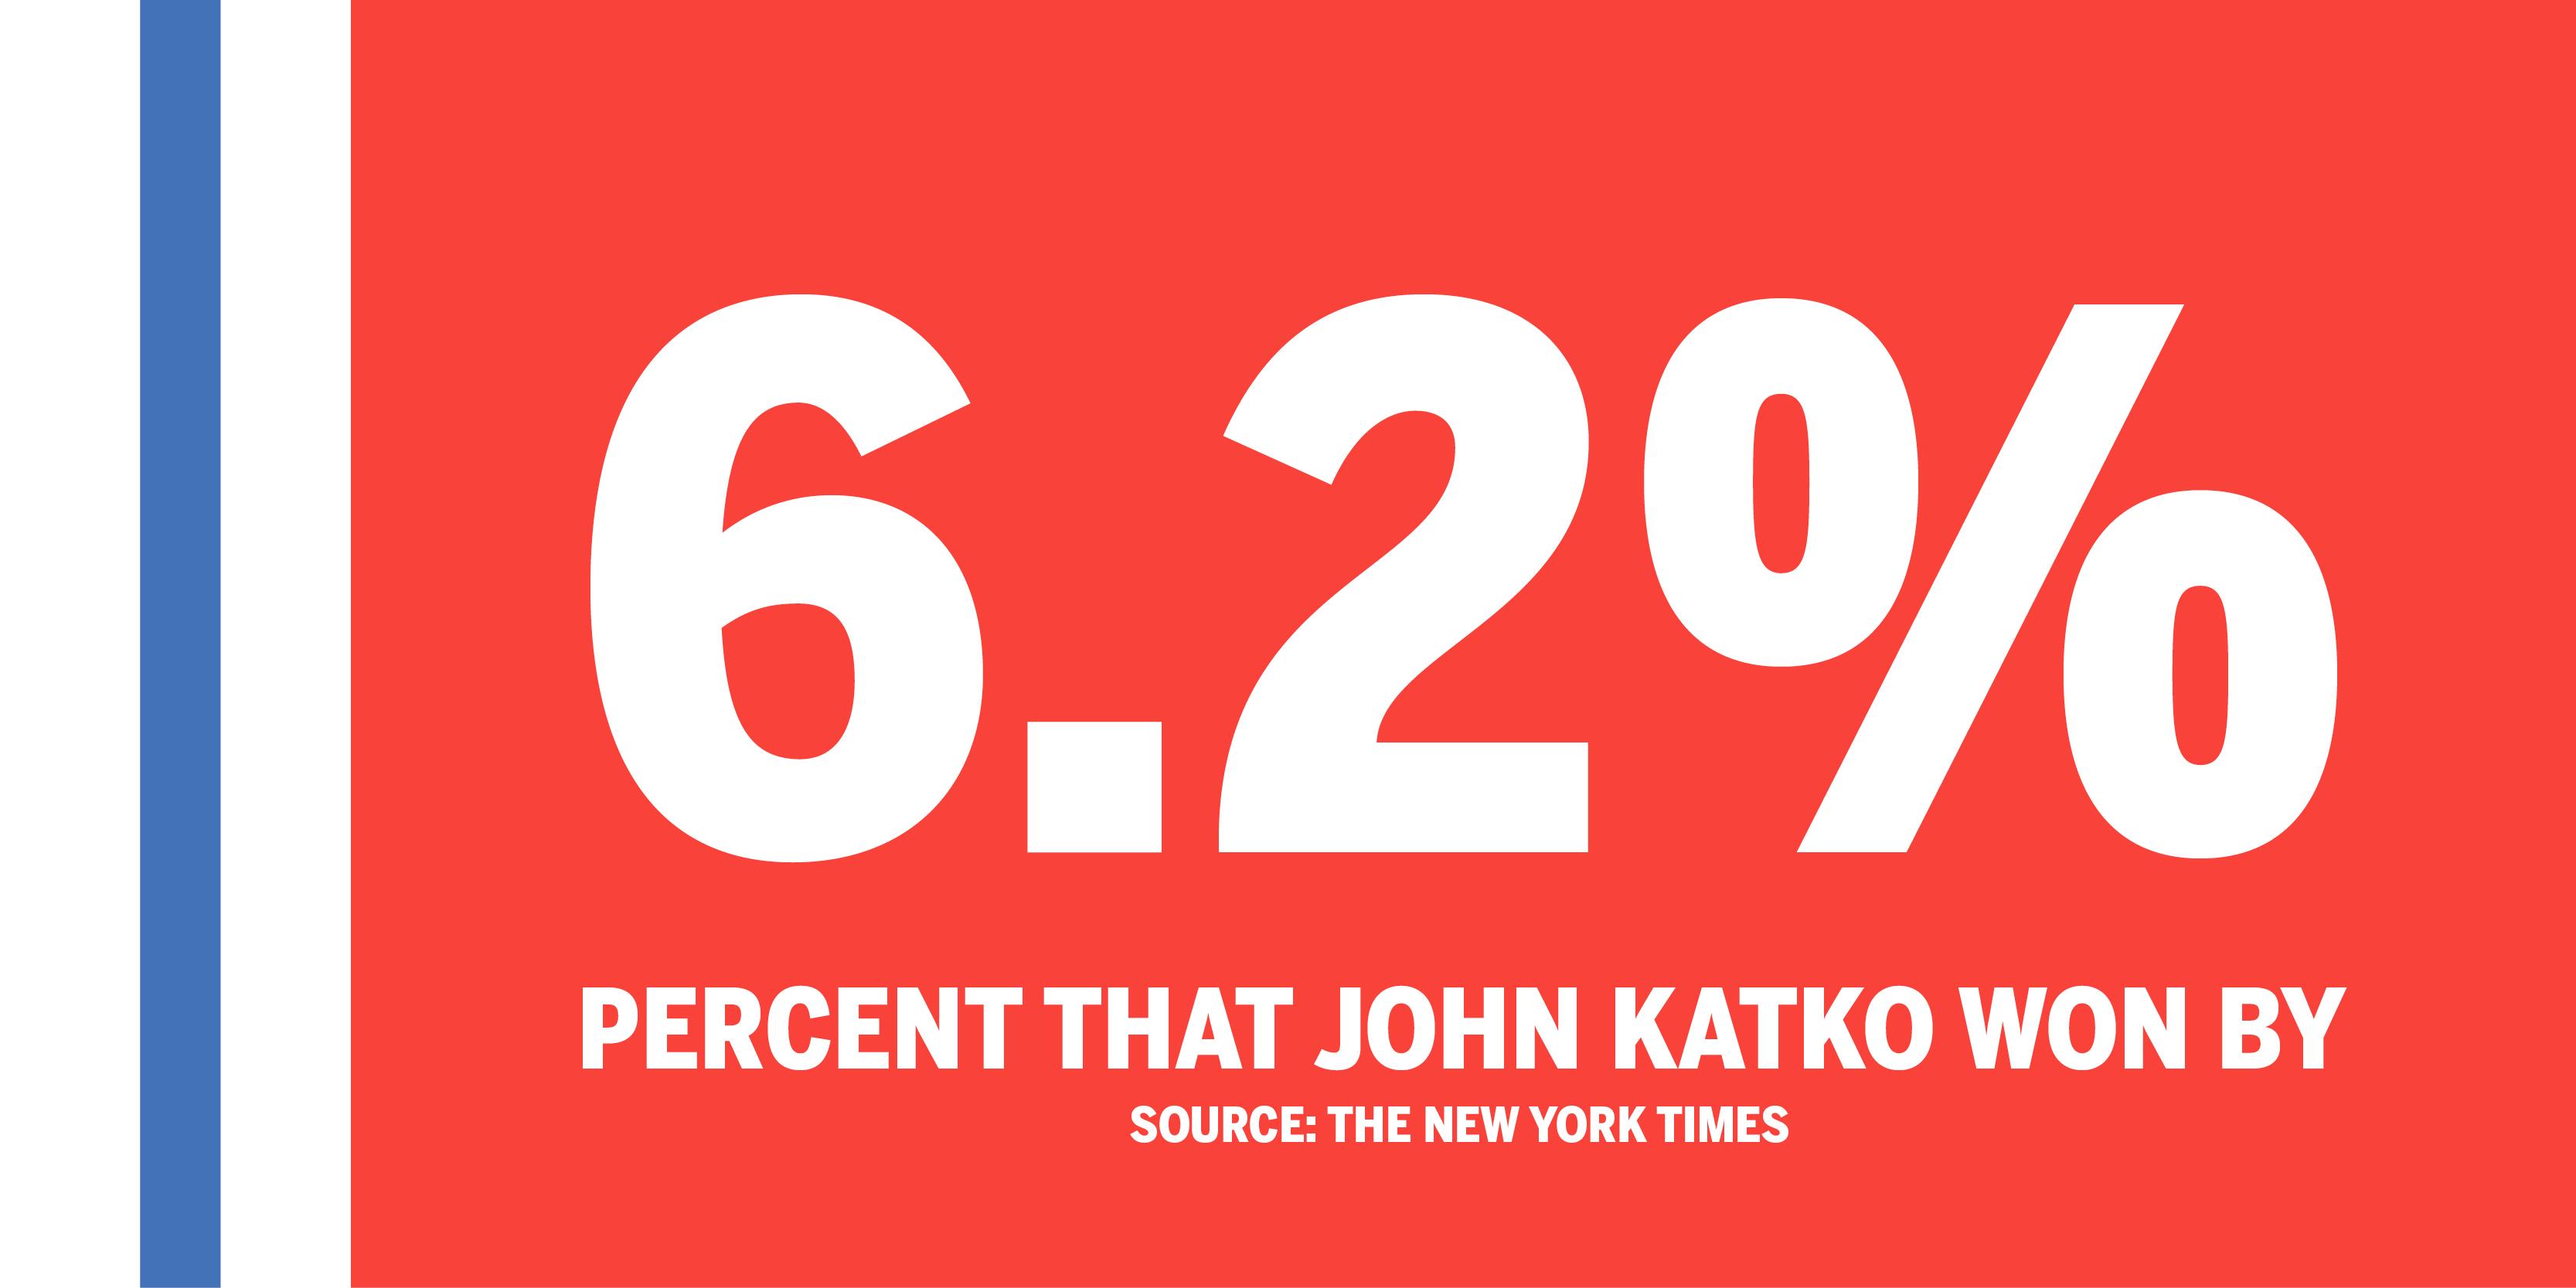 John Katko defeats Democratic challenger Dana Balter in